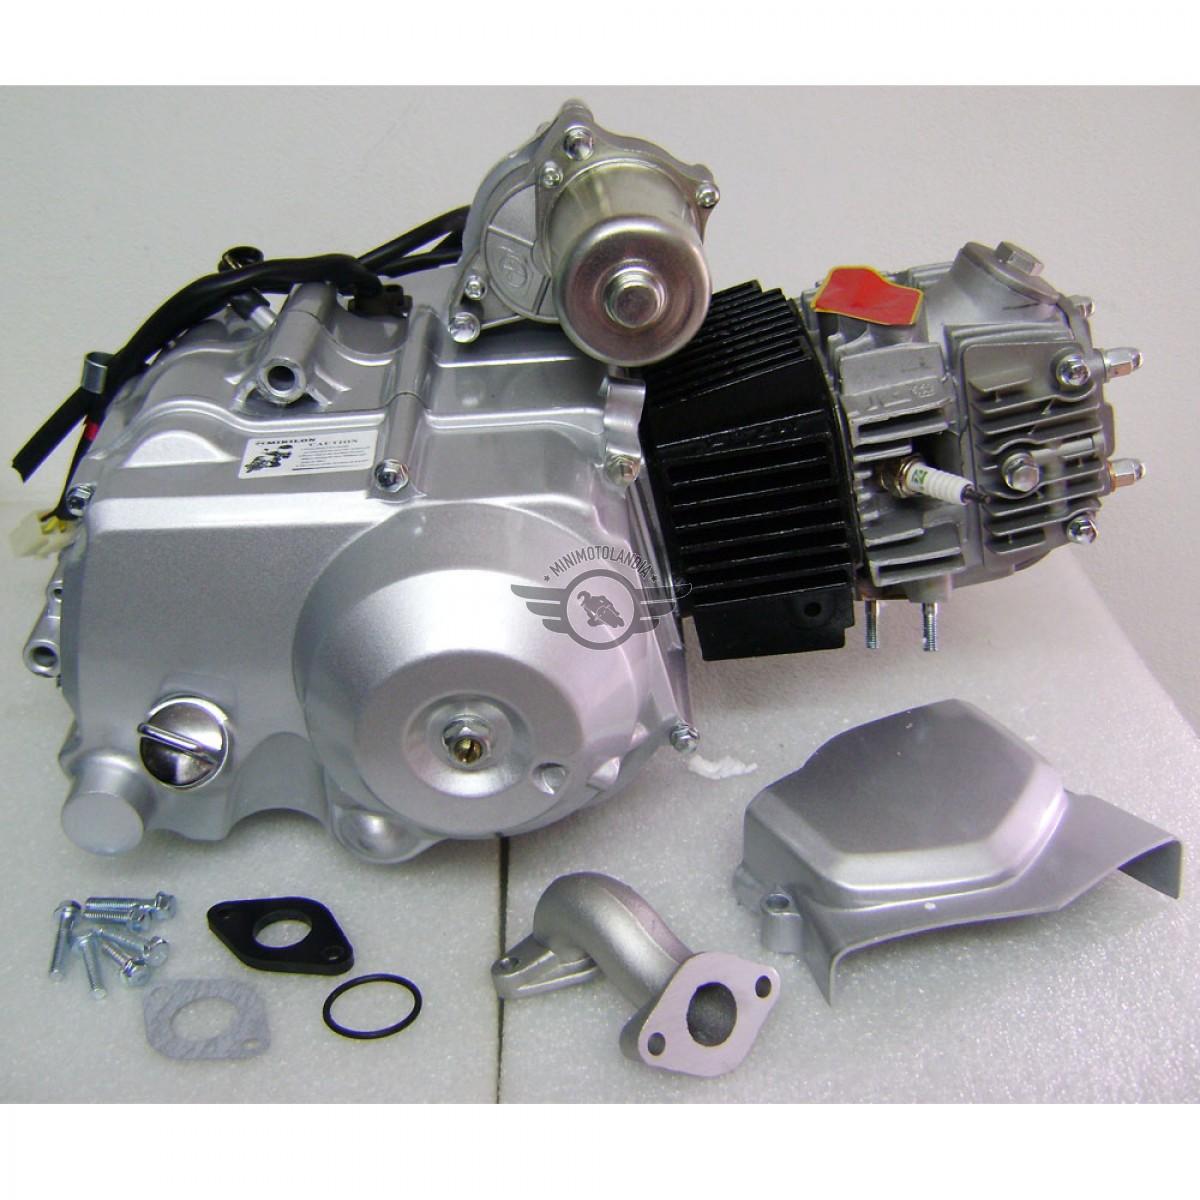 Special T Si >> Motore 110cc Automatico 4T Con Retromarcia Quad ATV   Minimotolandia